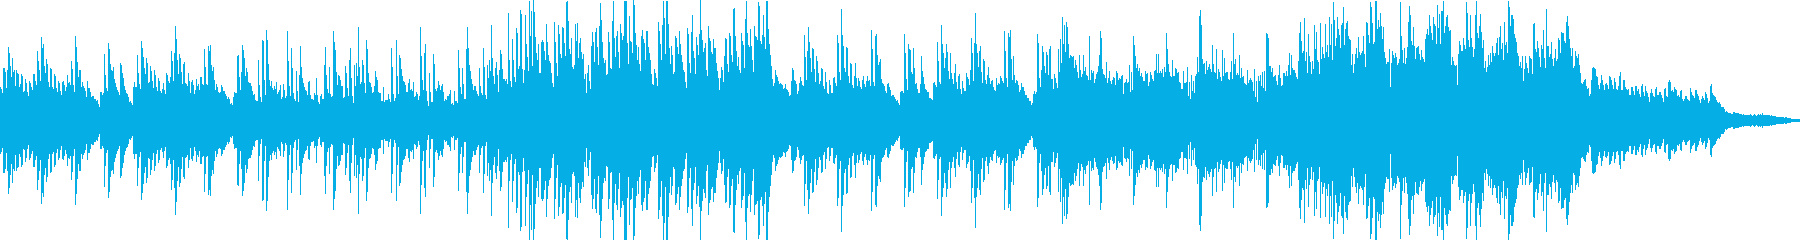 日常系 和風系ほのぼの曲の再生済みの波形